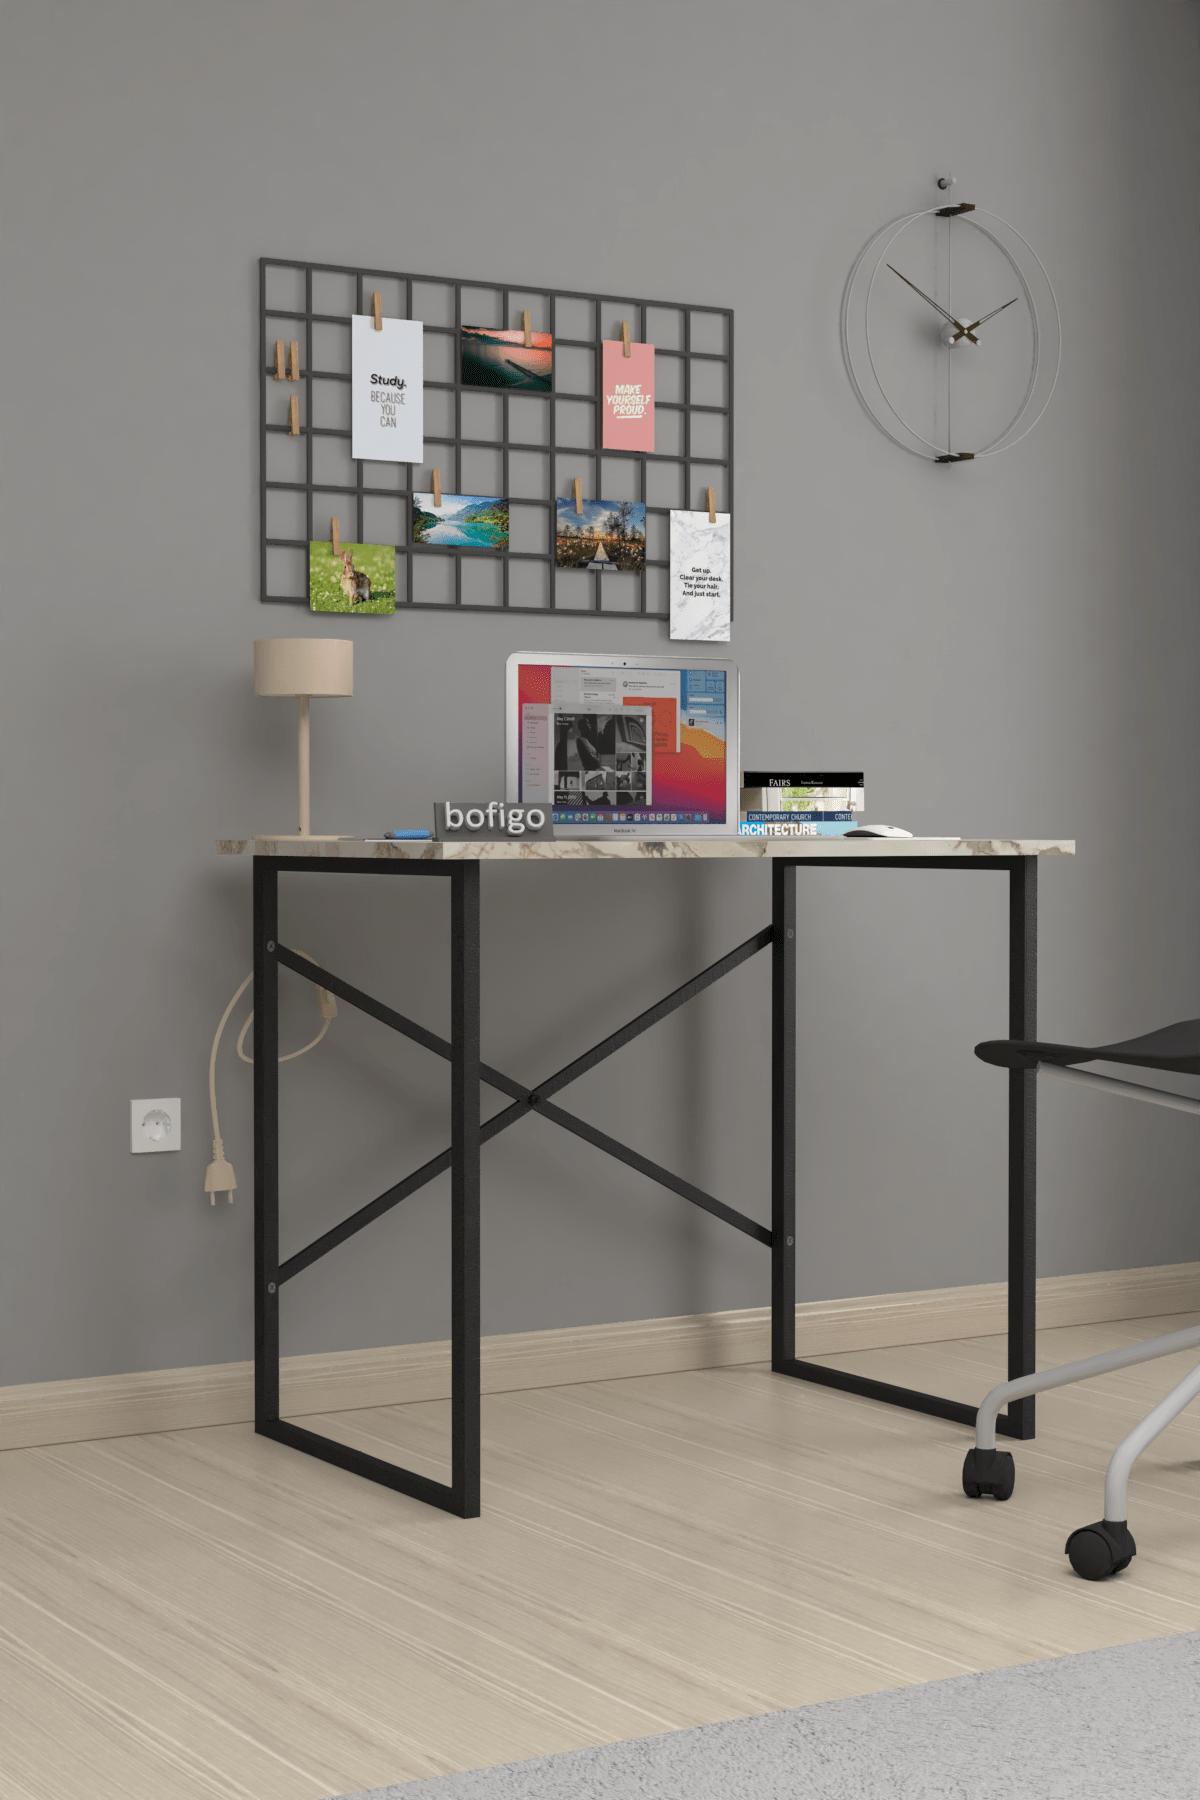 Bofigo 60x90 cm Çalışma Masası Laptop Bilgisayar Masası Ofis Ders Yemek Cocuk Masası Efes 1